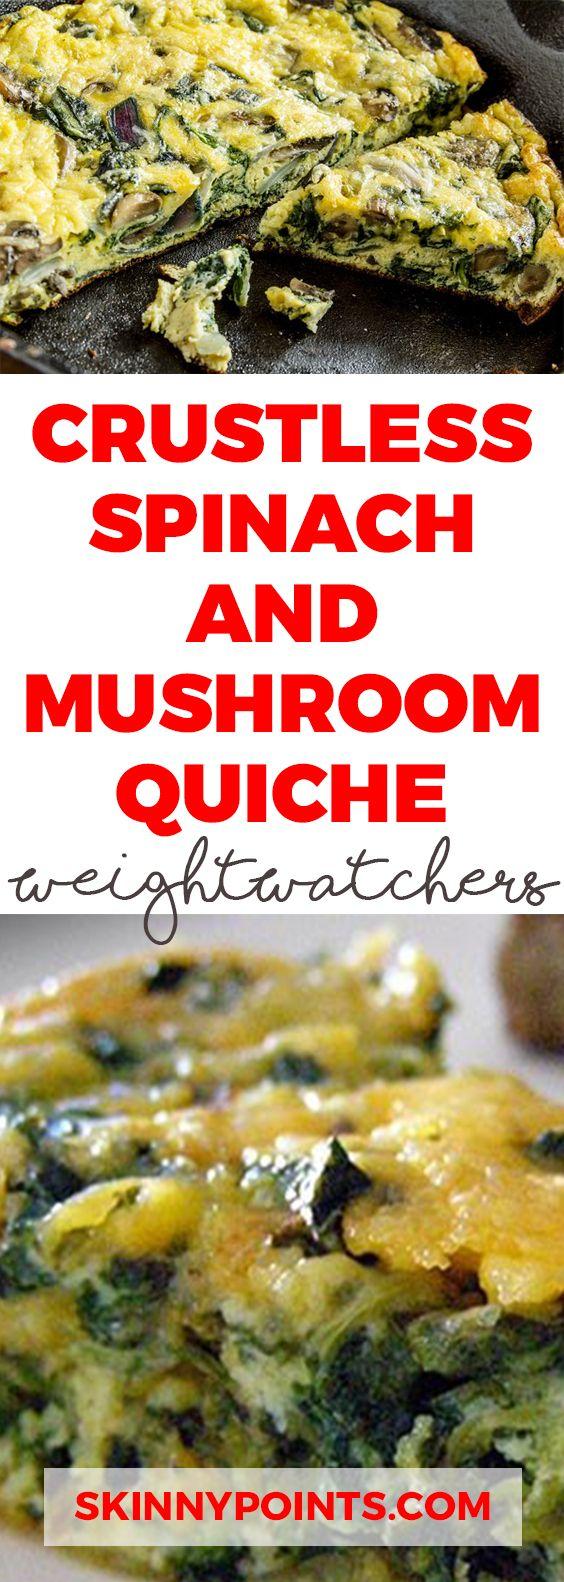 Crustless Spinach and Mushroom Quiche (Weight Watchers 3 Smartpoints)